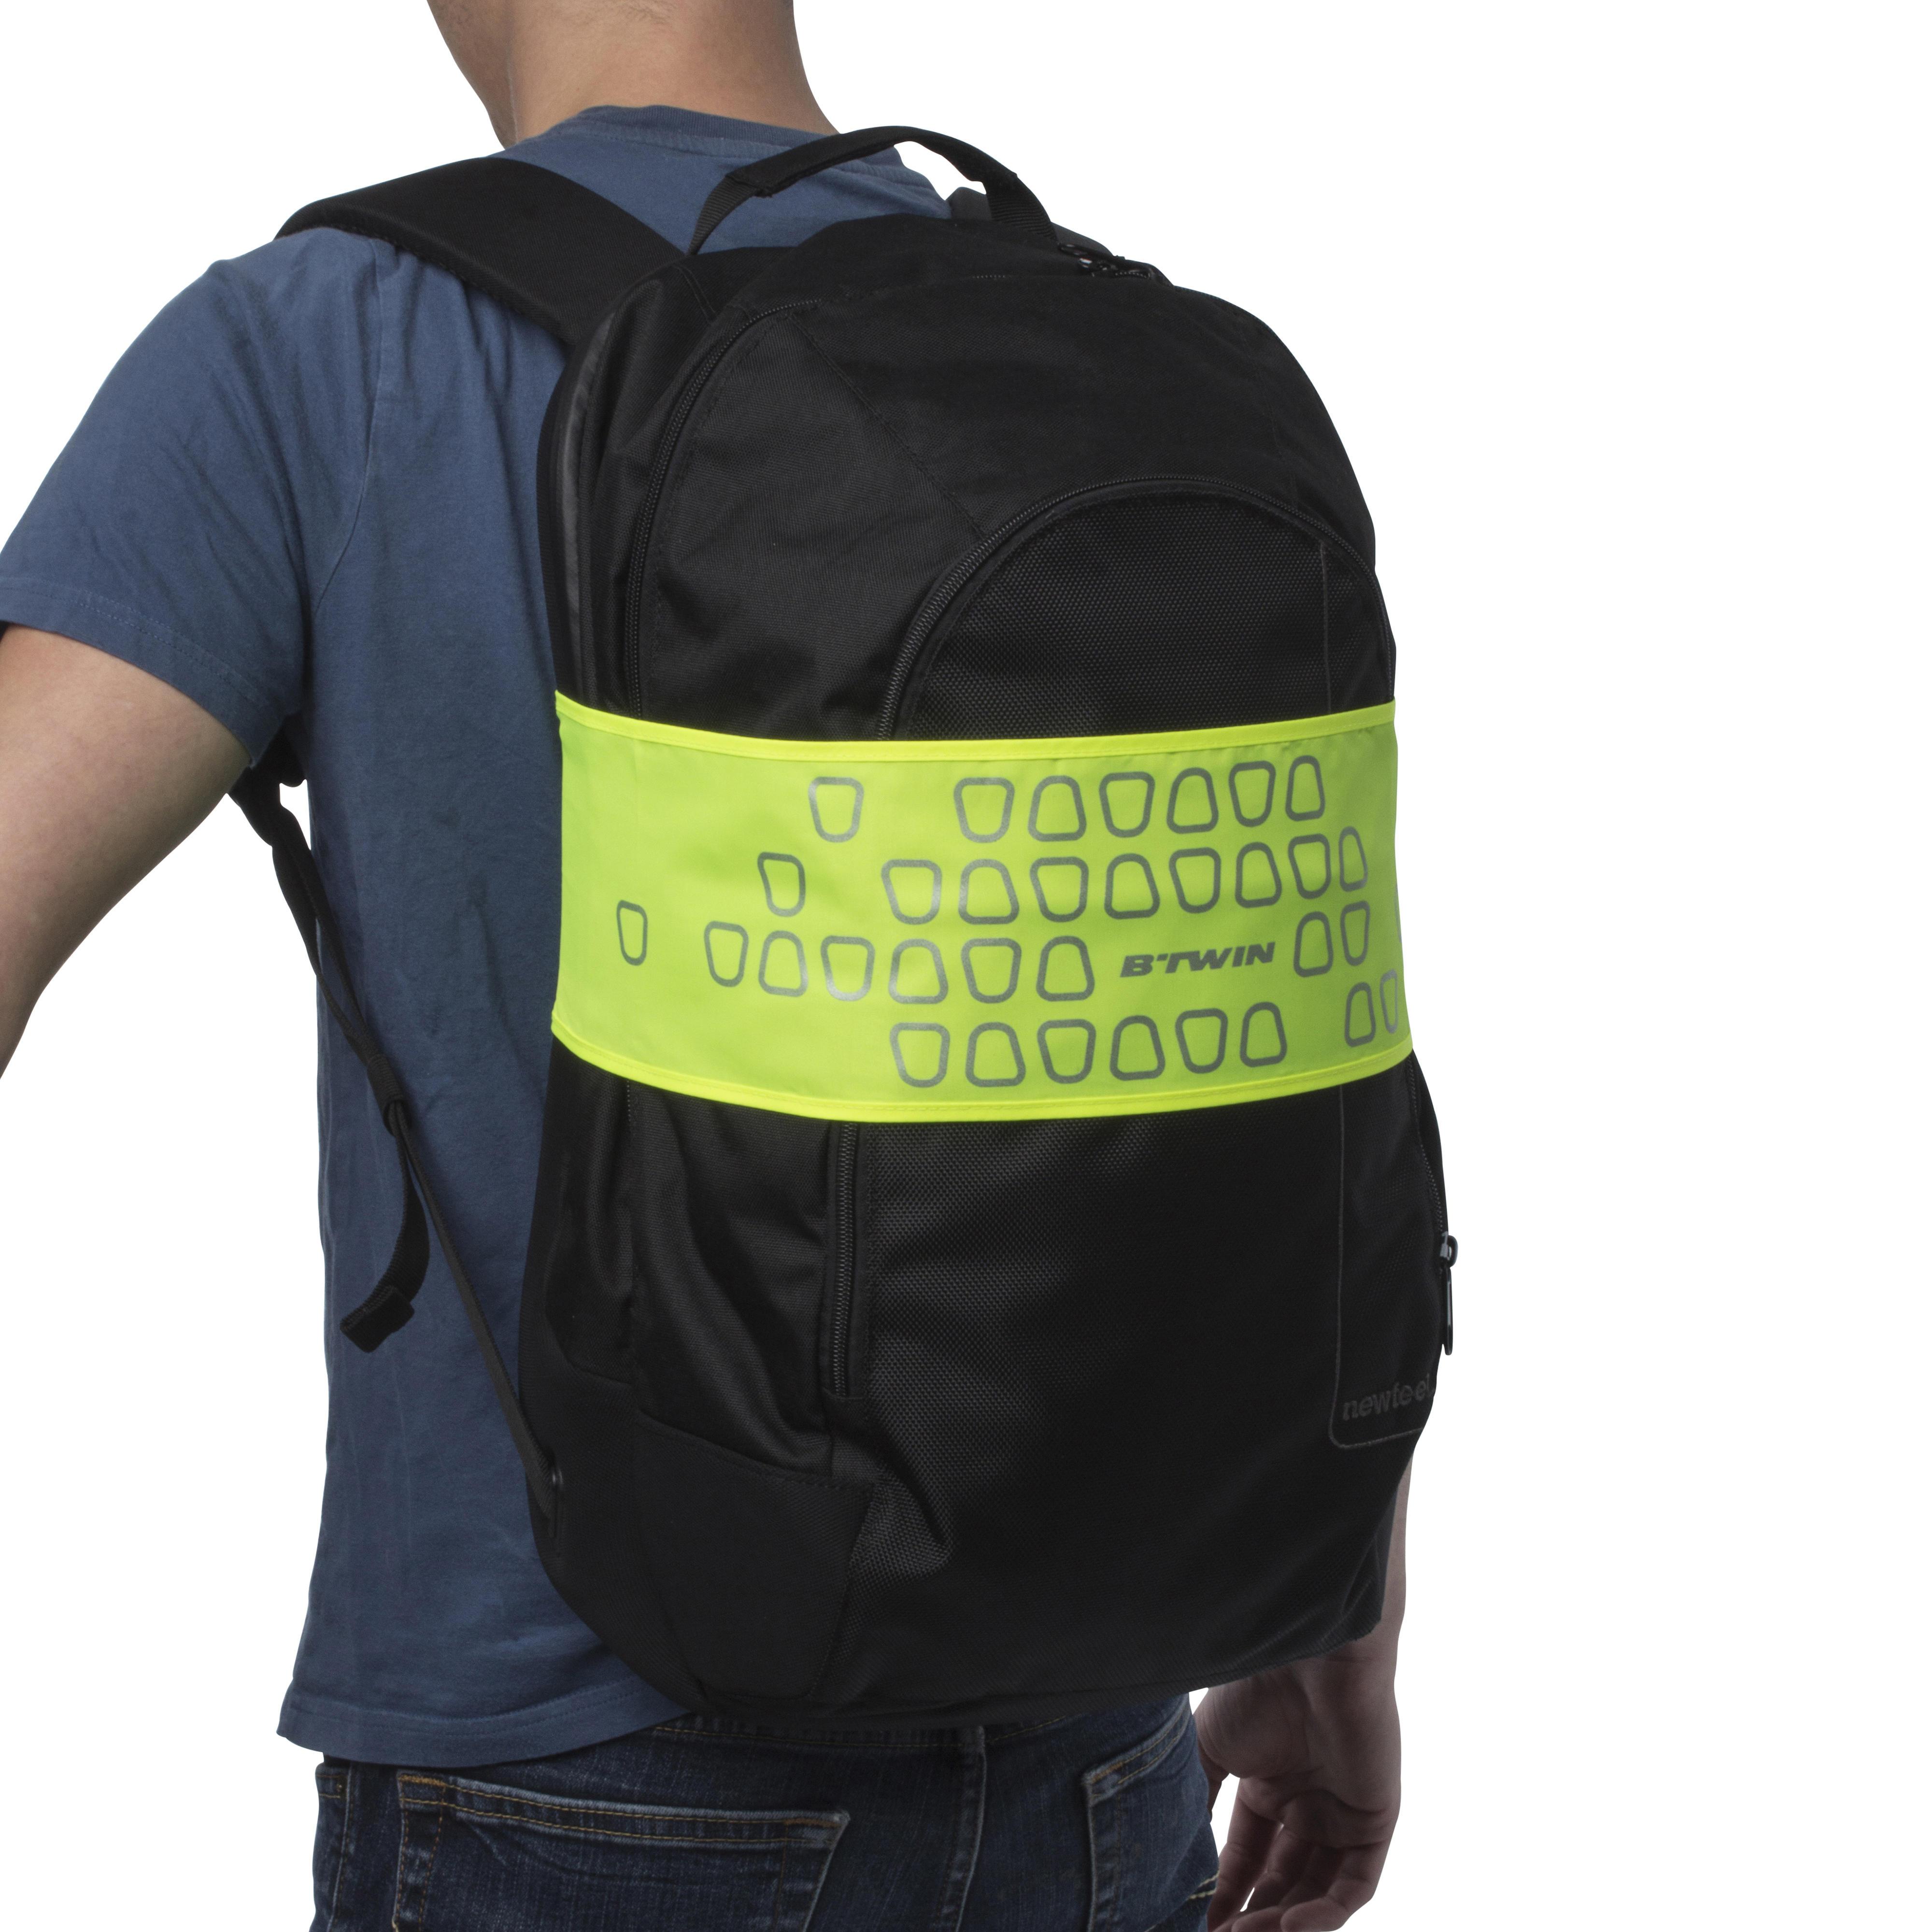 Rucksack-Reflektorband neongelb | Taschen > Rucksäcke > Sonstige Rucksäcke | Btwin